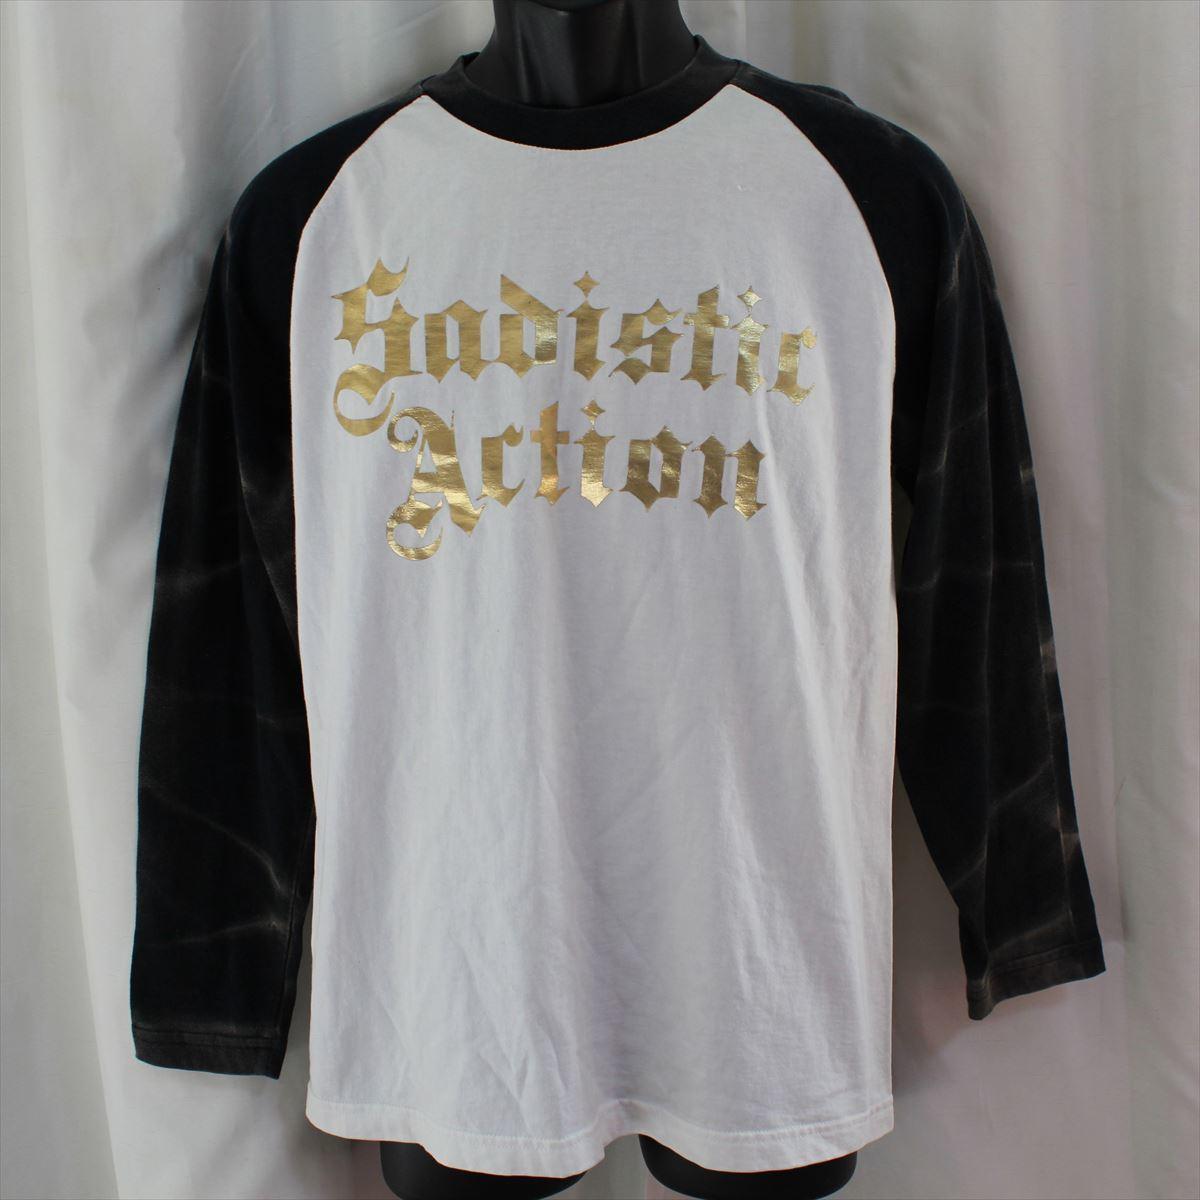 サディスティックアクション SADISTIC ACTION メンズ長袖Tシャツ Lサイズ NO32 新品_画像1